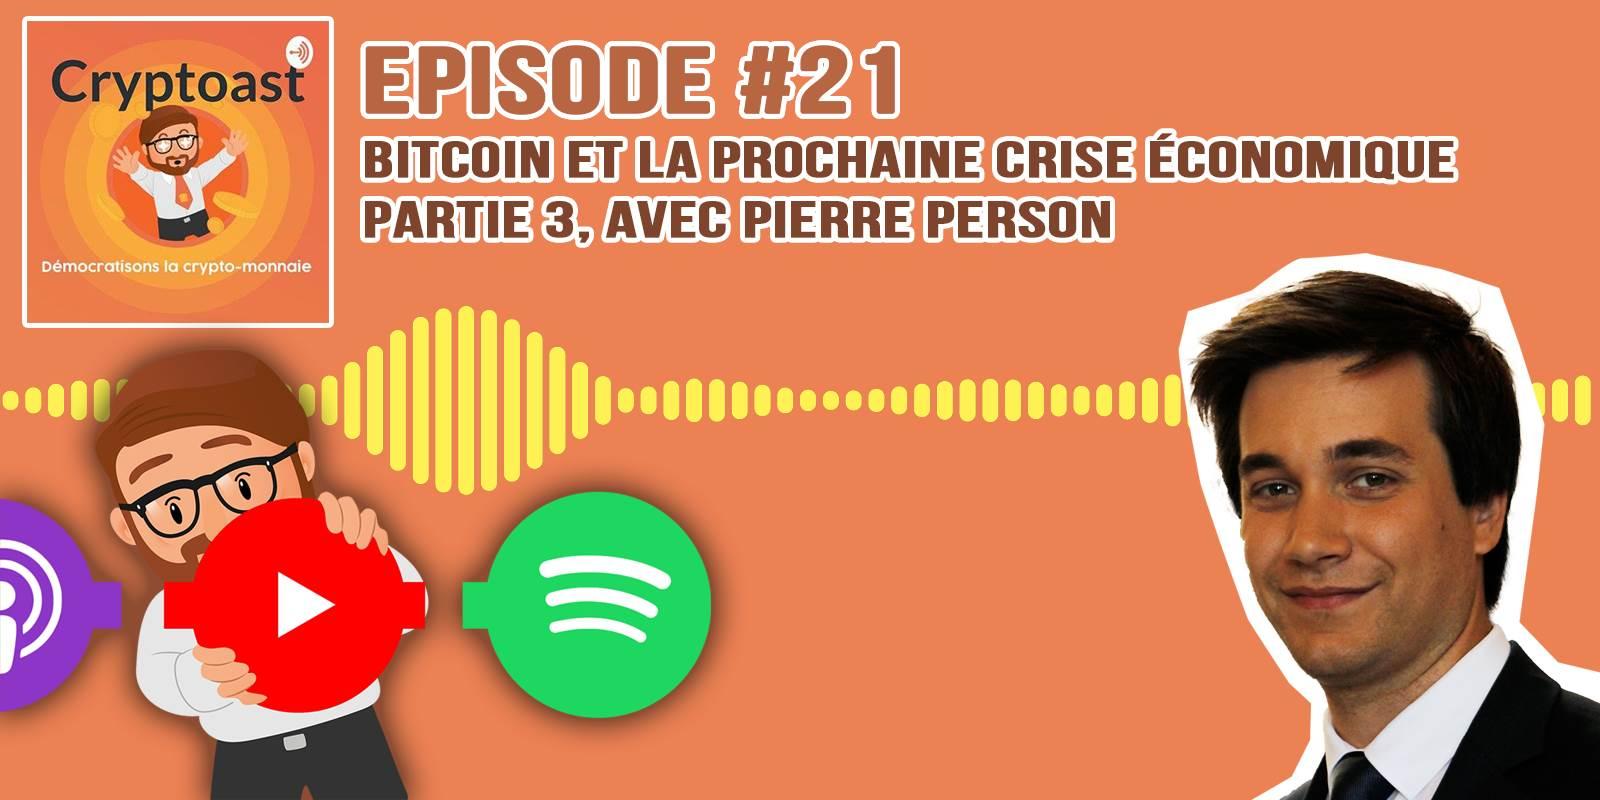 Podcast #21 - Bitcoin et la prochaine crise économique, partie 3, avec Pierre Person